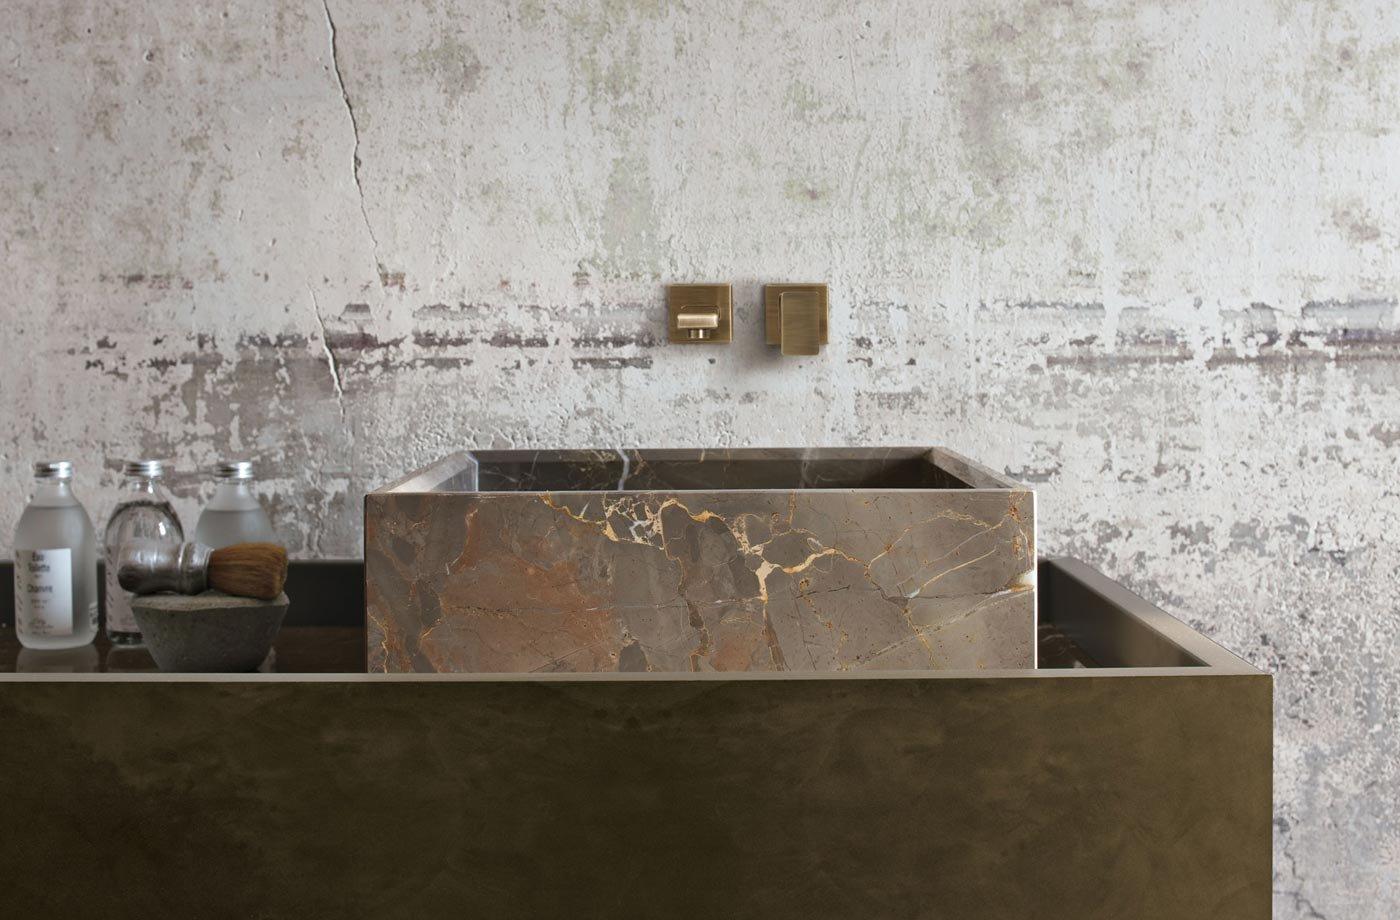 cheap cheap lavabos modernos must lavabos muebles para el cuarto de bao with decoracion cuartos de bao modernos with decoracion cuartos de bao modernos - Cuartos De Bao Modernos